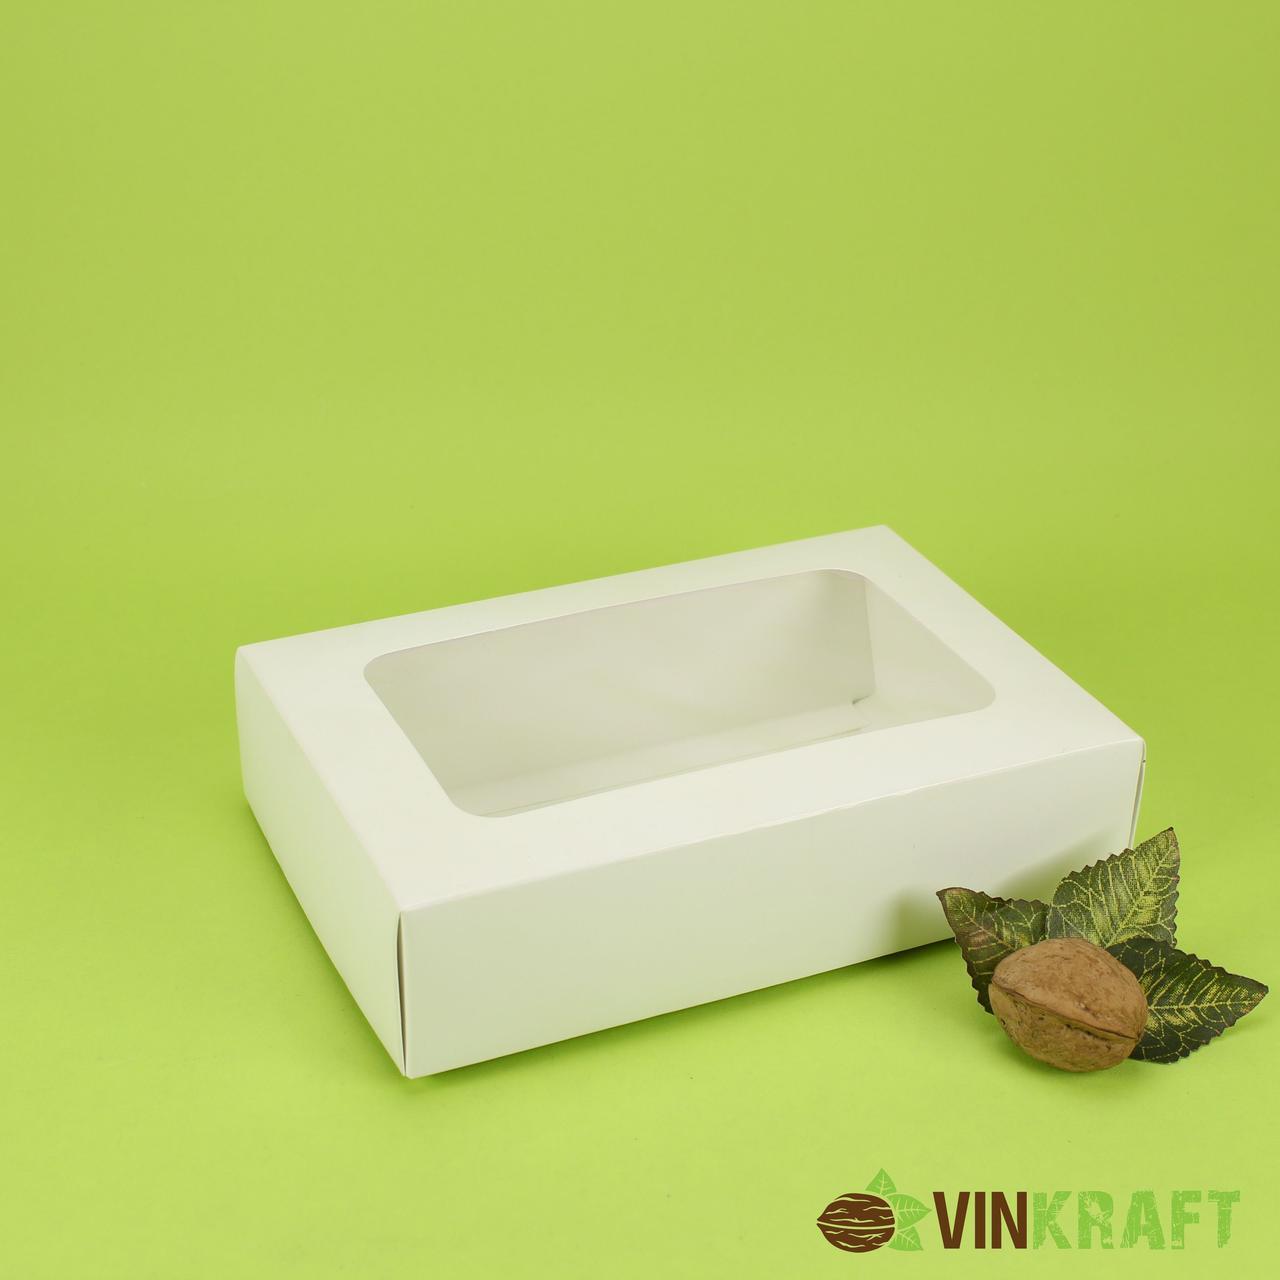 Коробка 175*105*50 для зефіра і десертів з вікном, біла